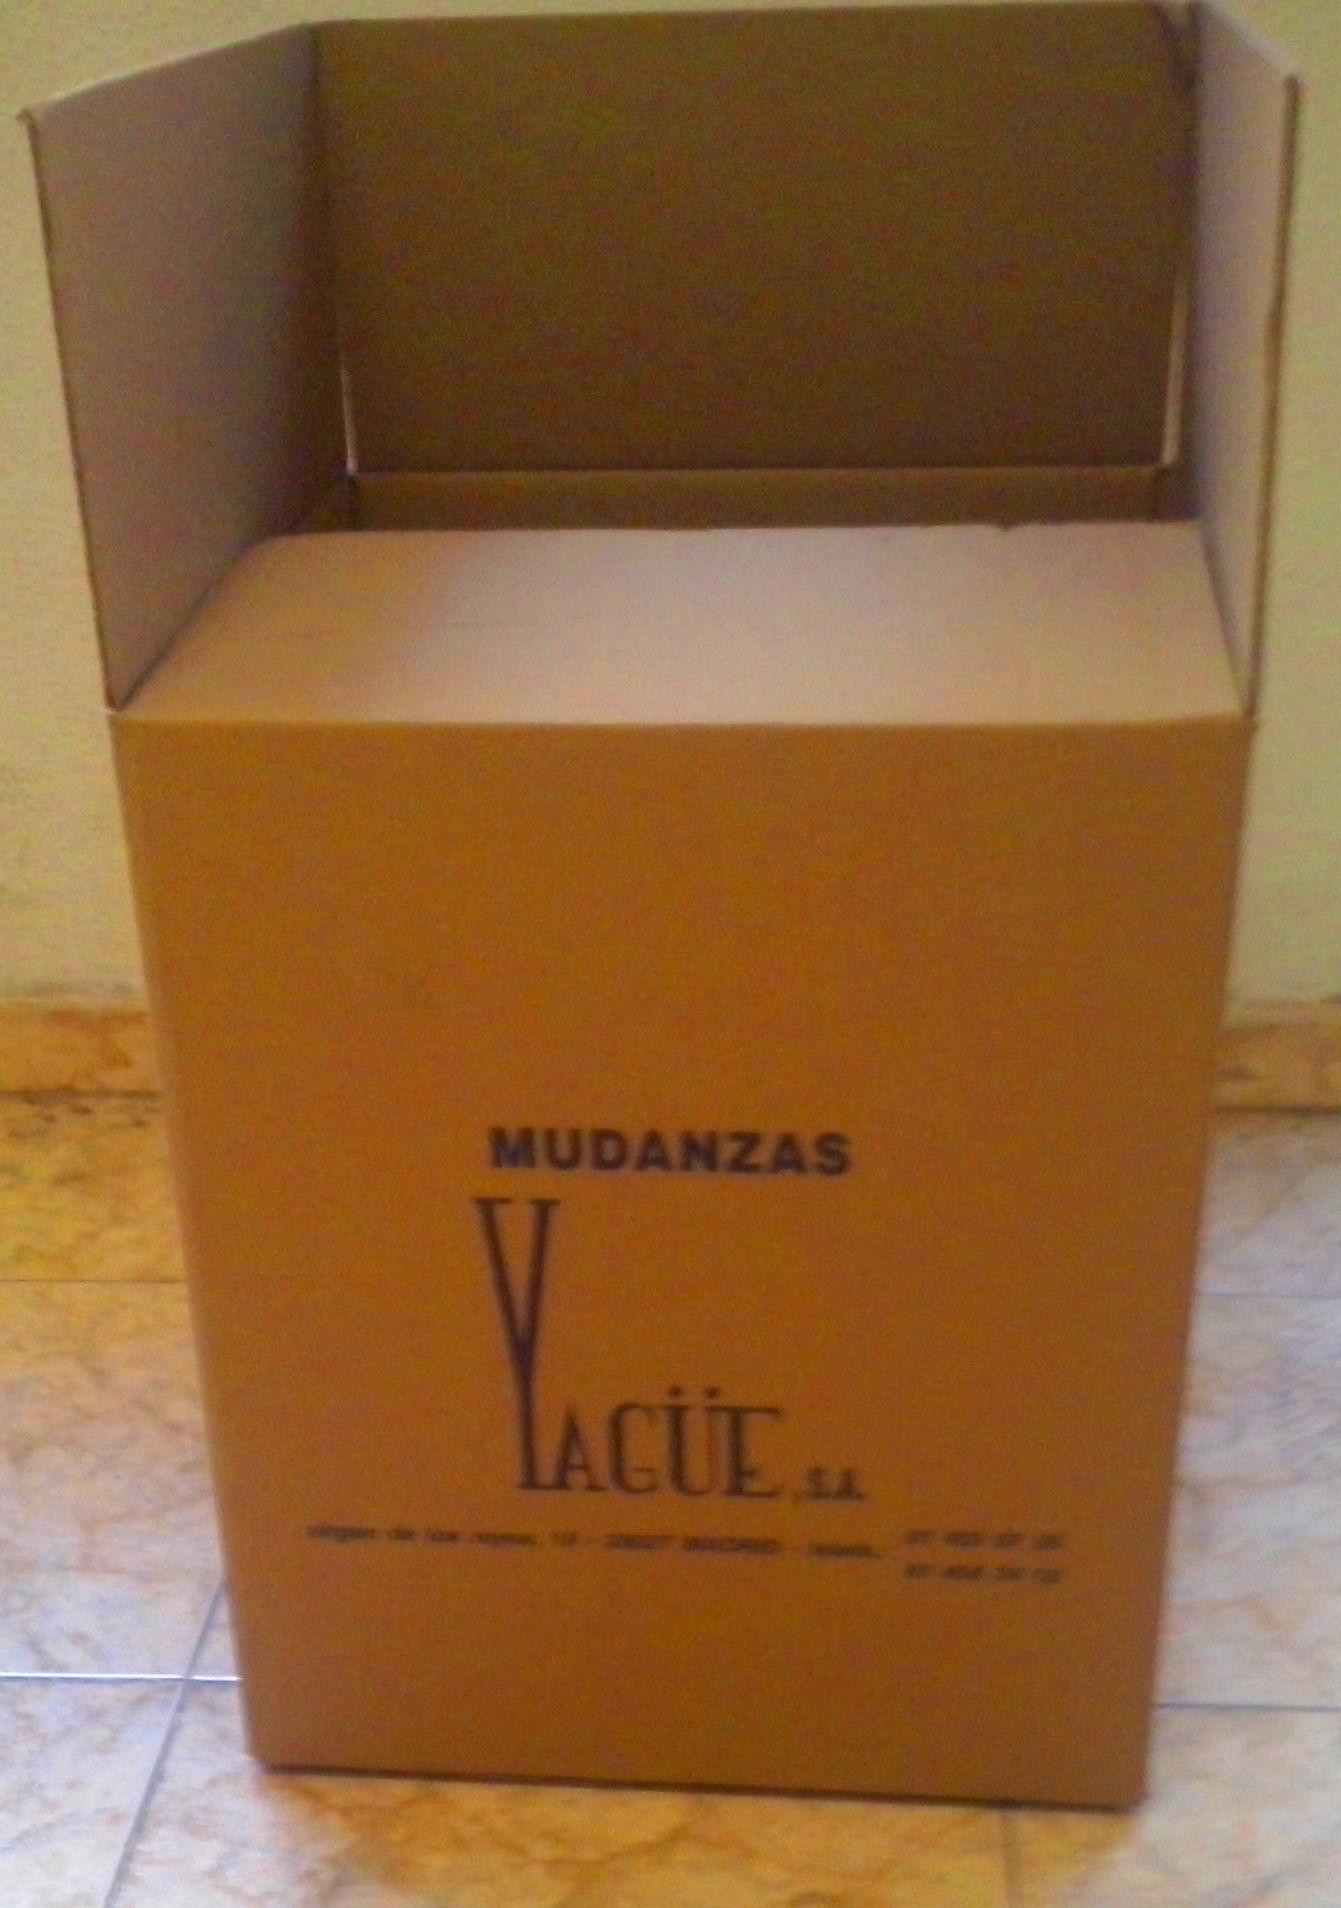 Foto 31 de Mudanzas y guardamuebles en Madrid | Mudanzas Yagüe              914047413